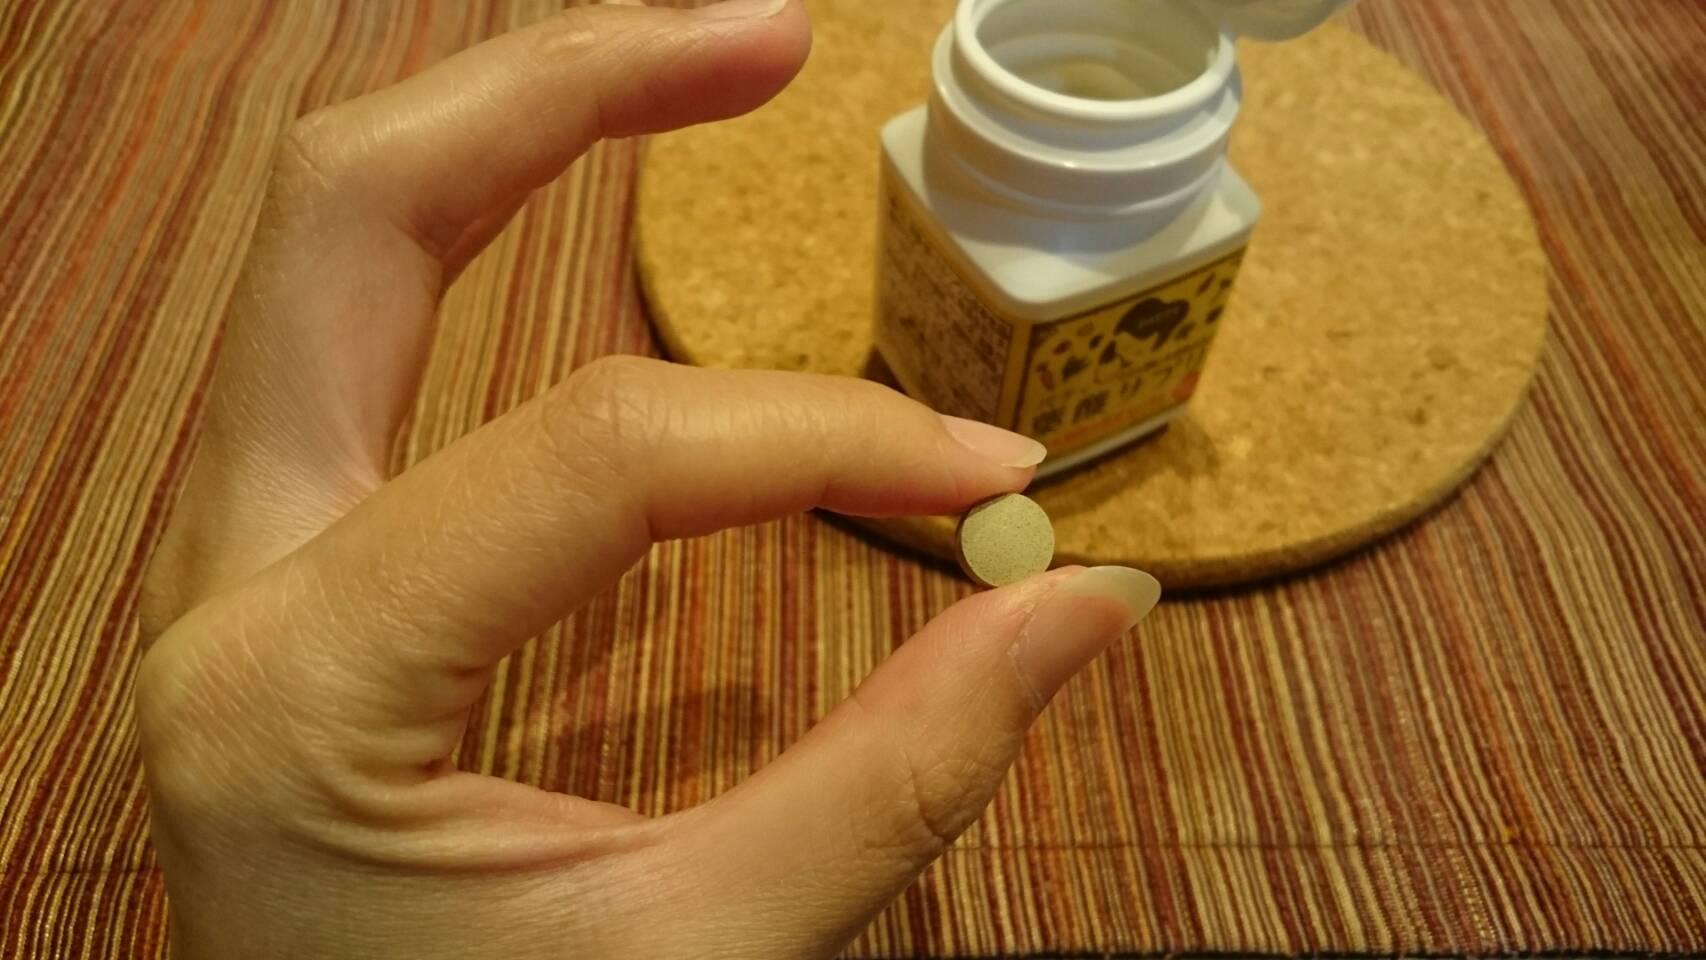 パティ葉酸サプリの粒